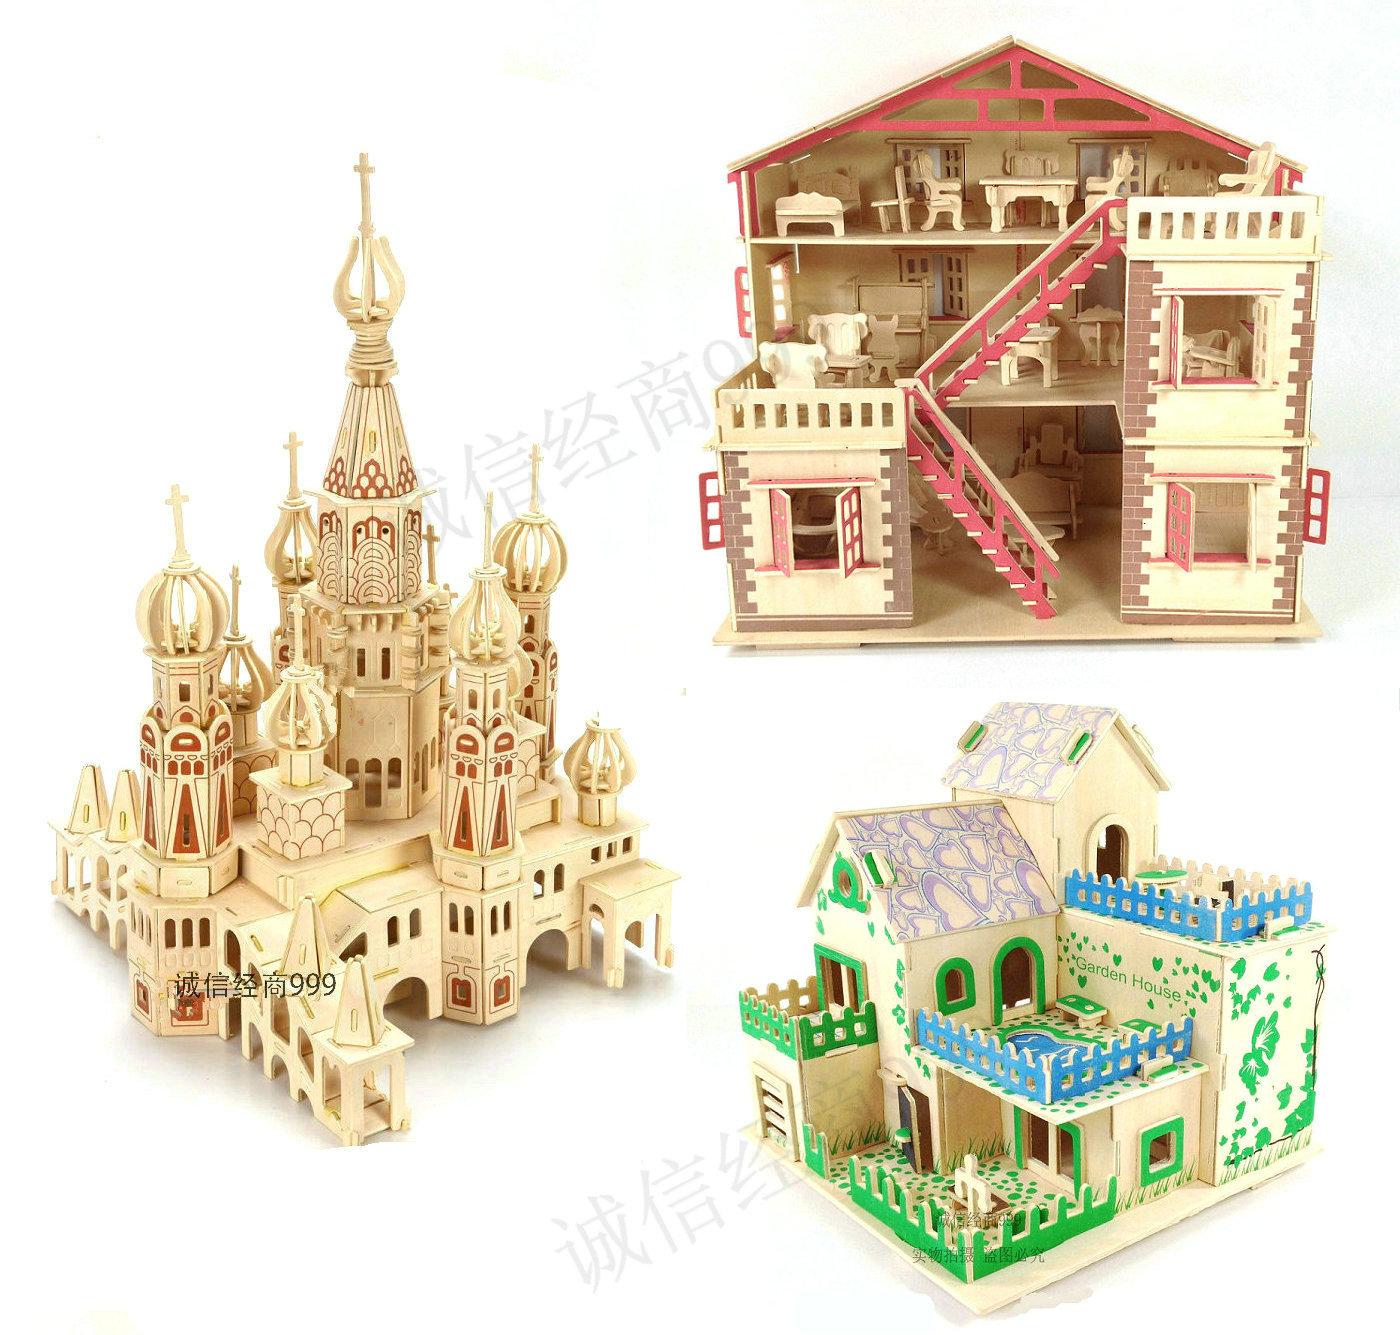 木质3d立体拼装拼图木头拼板益智木制拼组玩具 别墅房子建筑模型